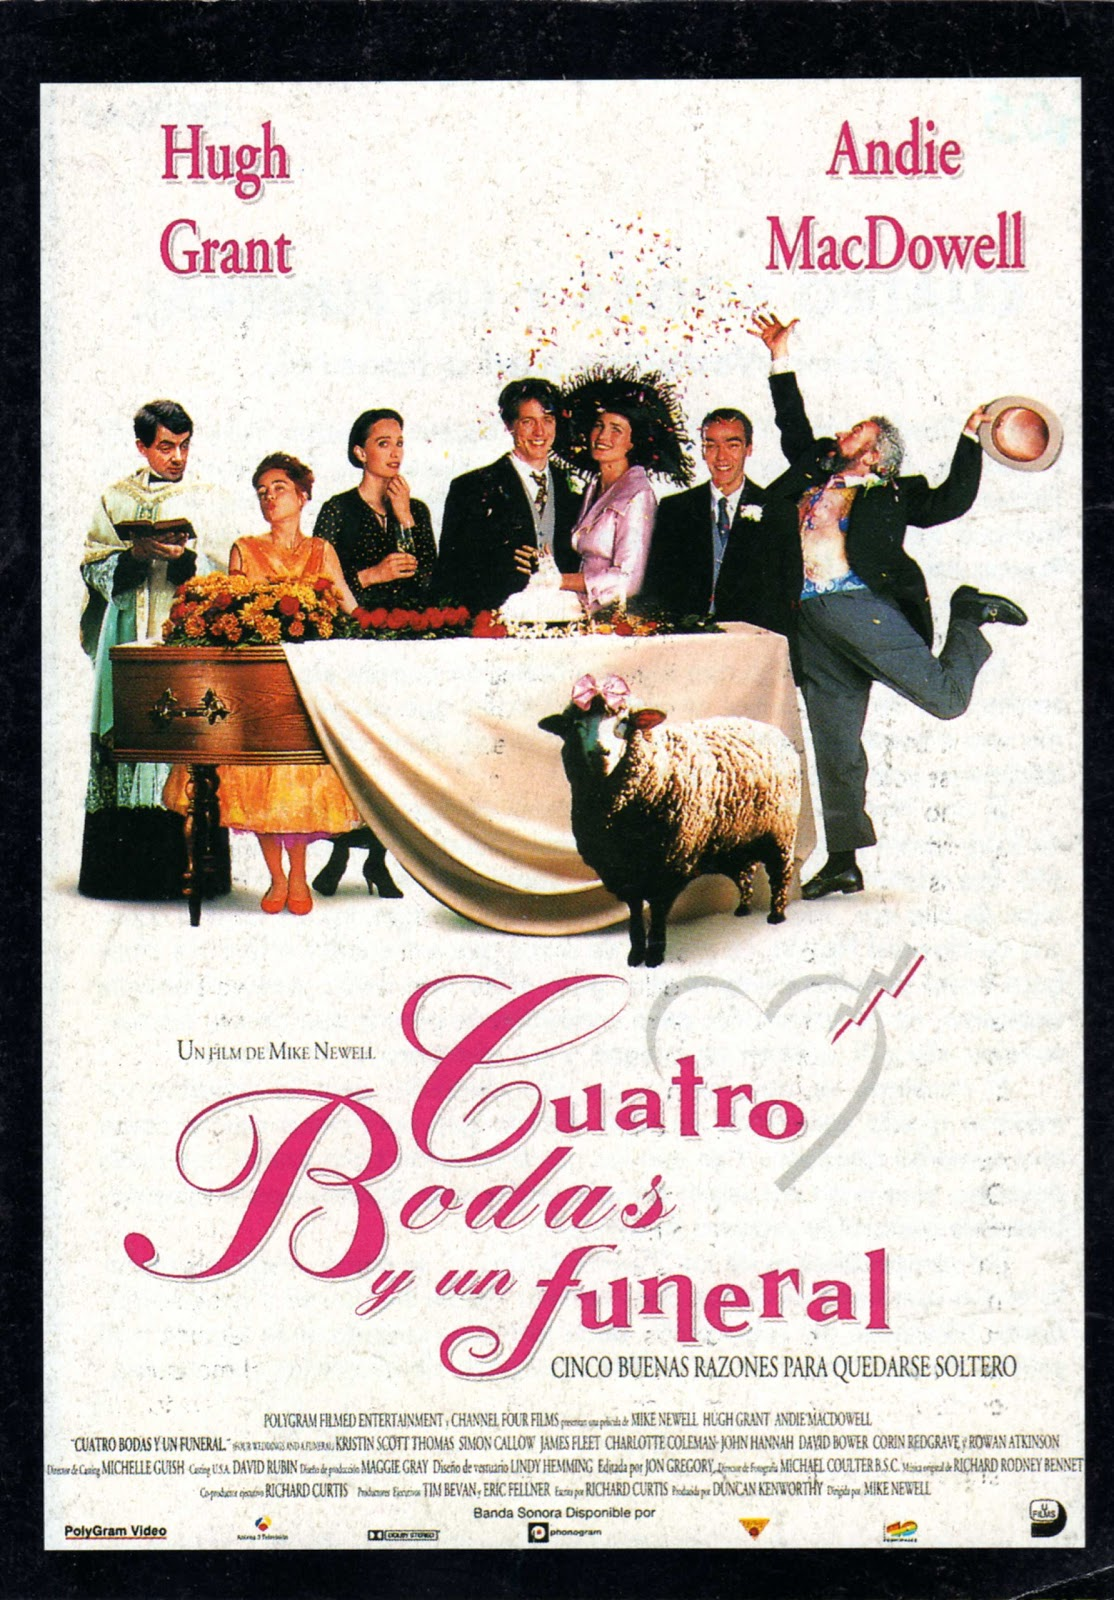 http://4.bp.blogspot.com/-IDN2O4PDngM/Tx2CI4iJt9I/AAAAAAAAA_Q/527ZMpna3fQ/s1600/0405+Cuatro+bodas+y+un+funeral.jpg